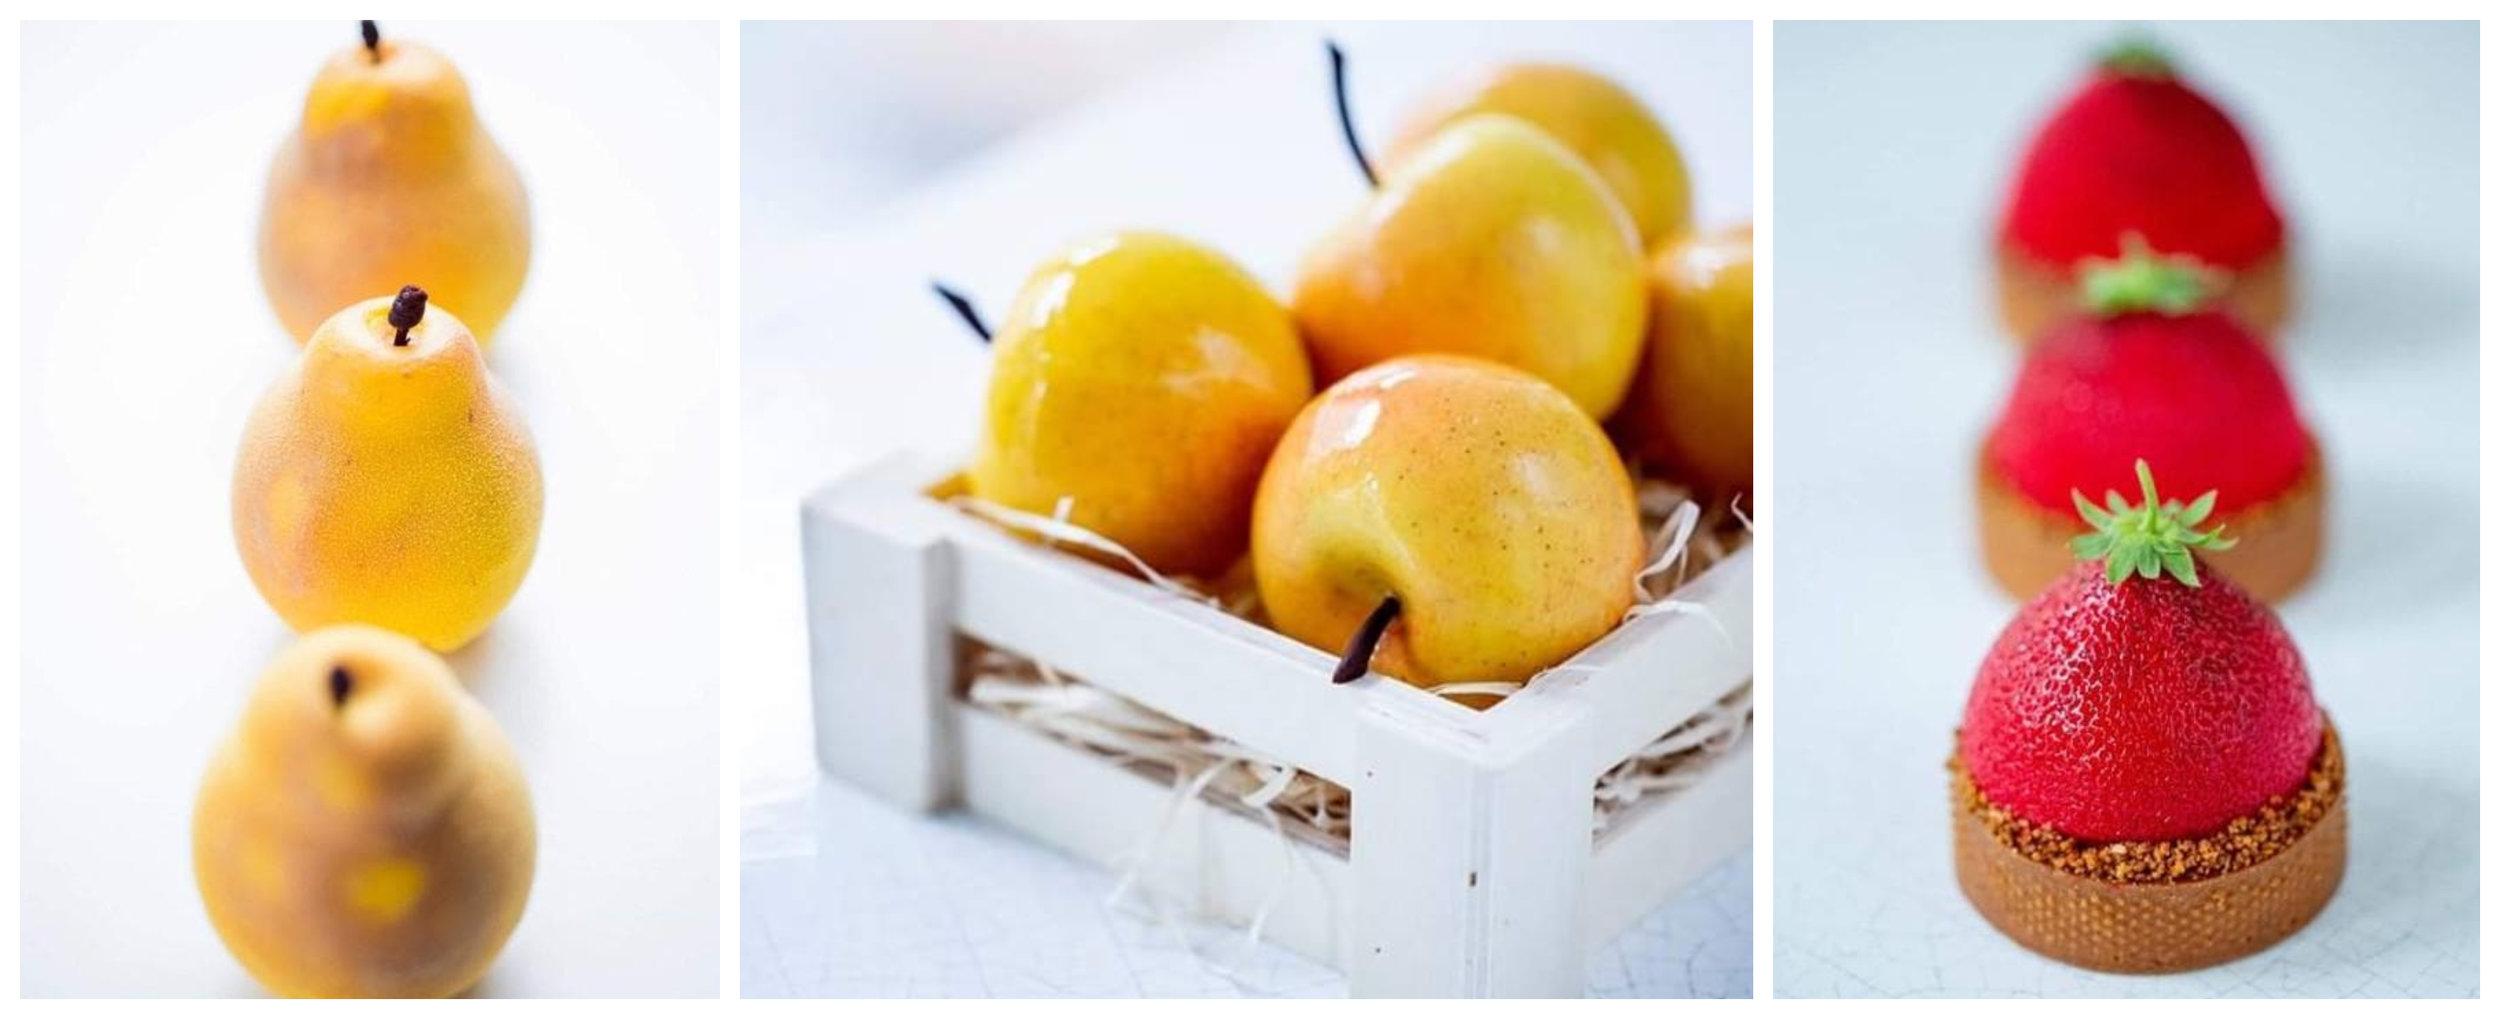 Cédric巧奪天工的水果雕塑,本次187巷的實作課中將由主廚本人親自傳授製作秘訣。(圖片來源: 187巷的法式 烘焙/料理 /烹飪教室 )